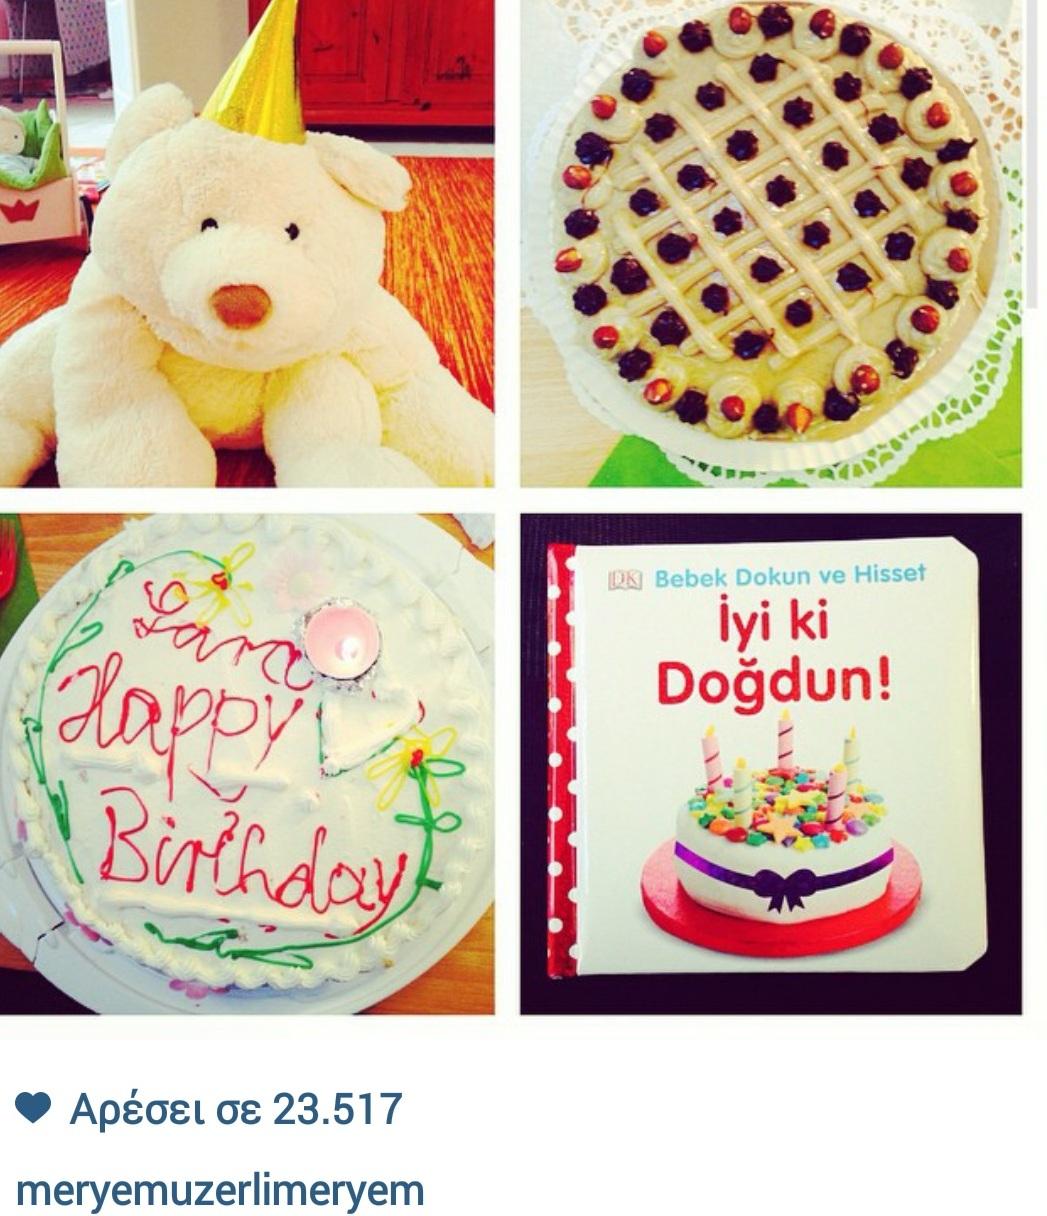 Μεριέμ Ουζερλί: Γιόρτασε τα πρώτα γενέθλια της  κόρης της με ένα πάρτι κι ένα συγκινητικό μήνυμα! (εικόνες)